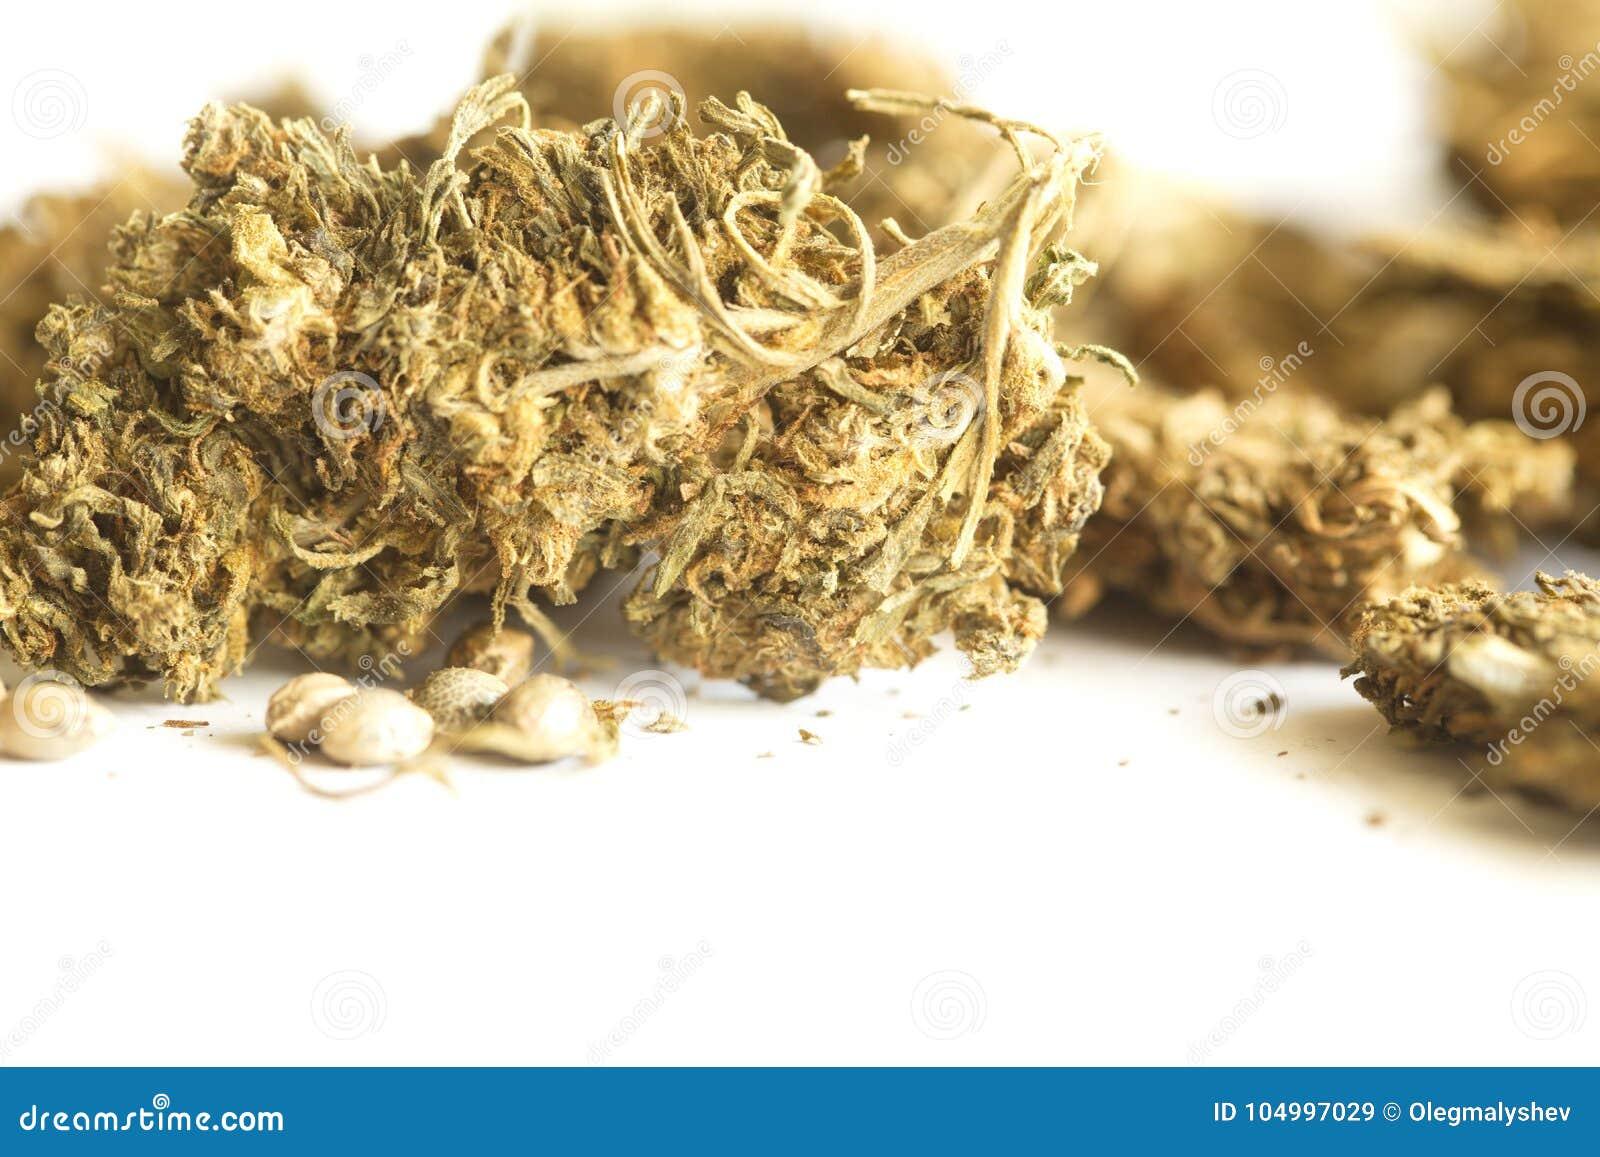 как купить в нижнем новгороде семена конопли